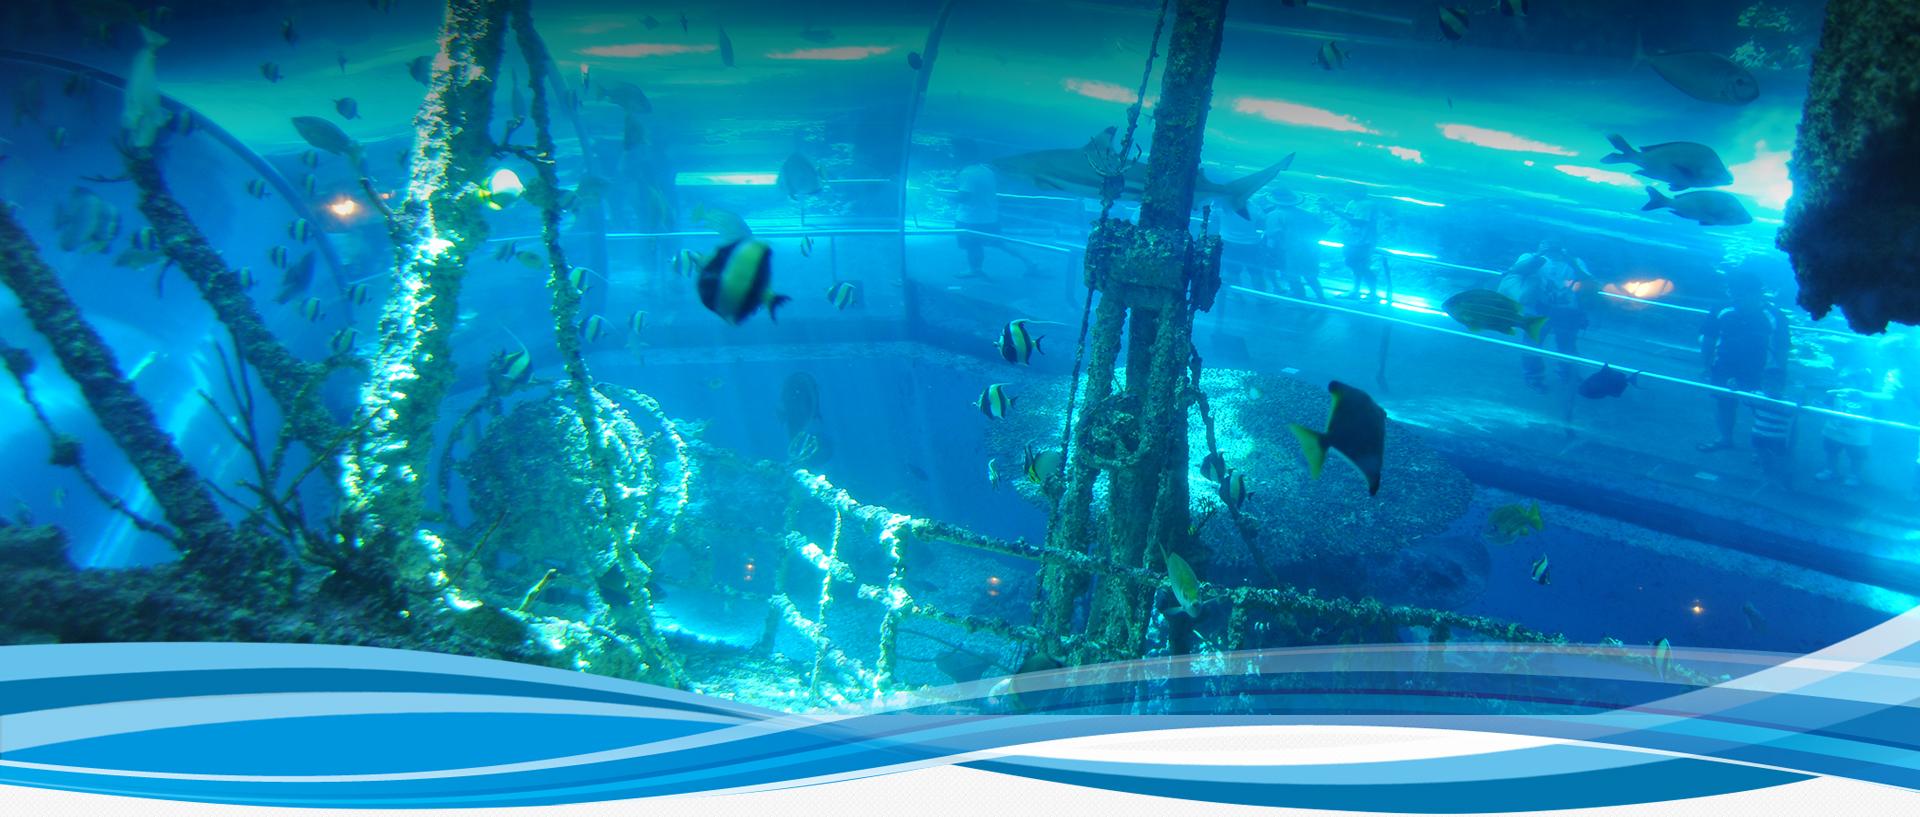 國立海洋生物博物館-珊瑚王國館平面圖